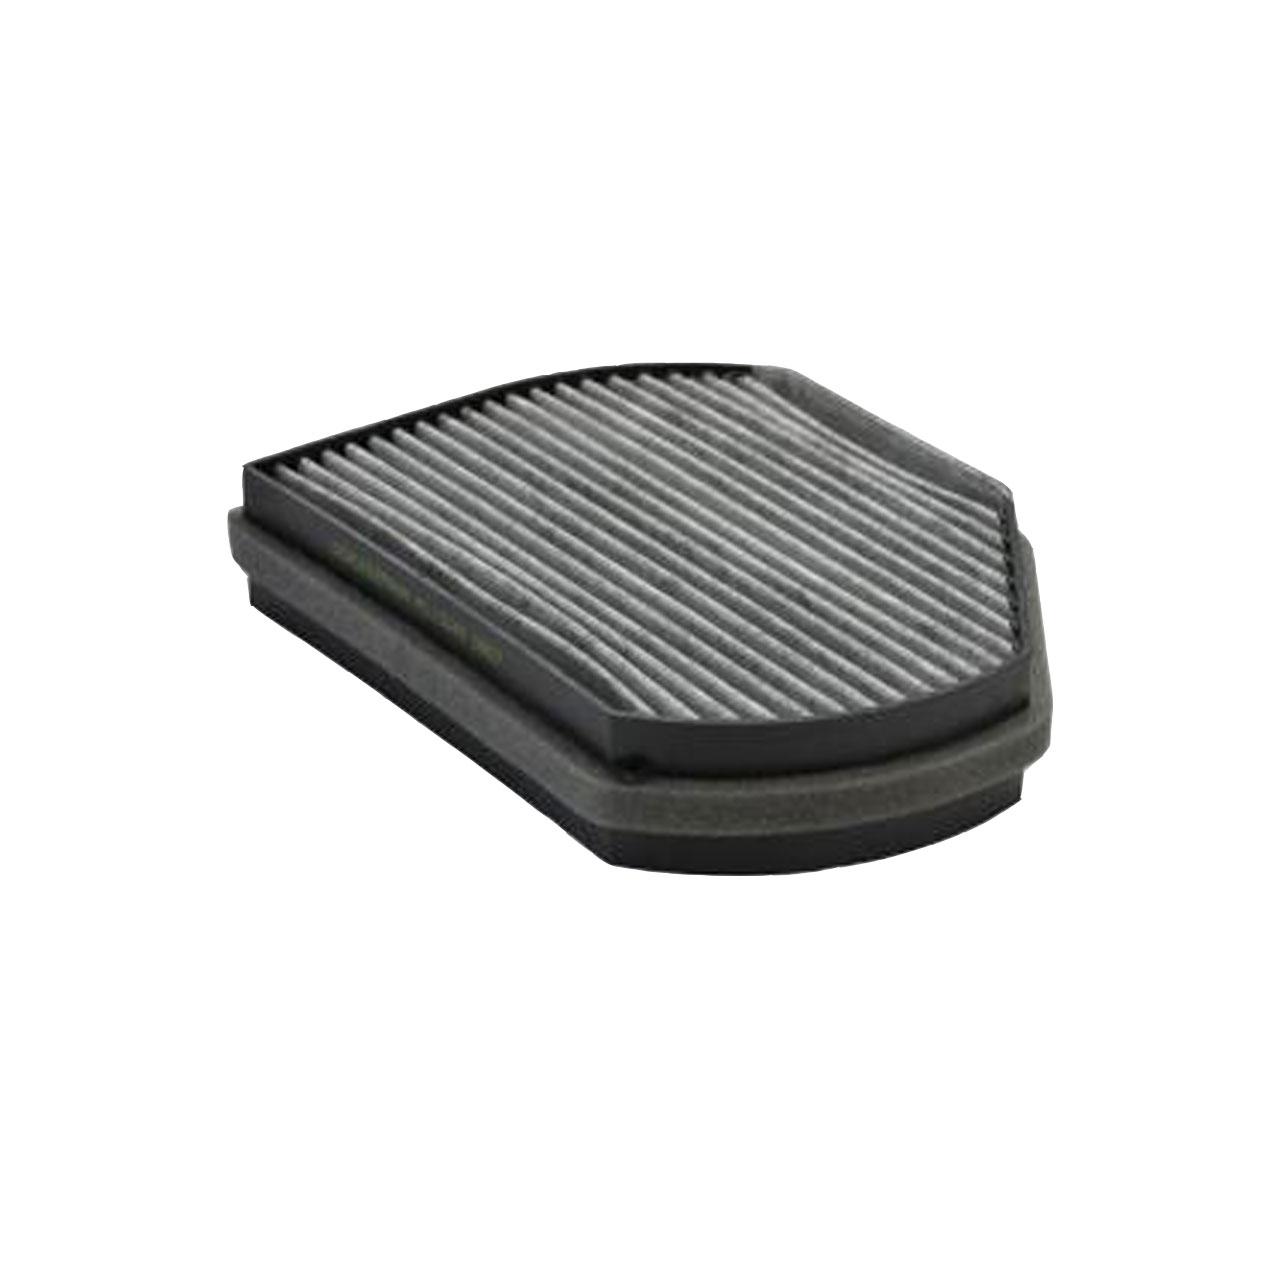 فیلتر کابین خودرو مرسدس بنز مدل C2V33 مناسب برای مرسدس C و E